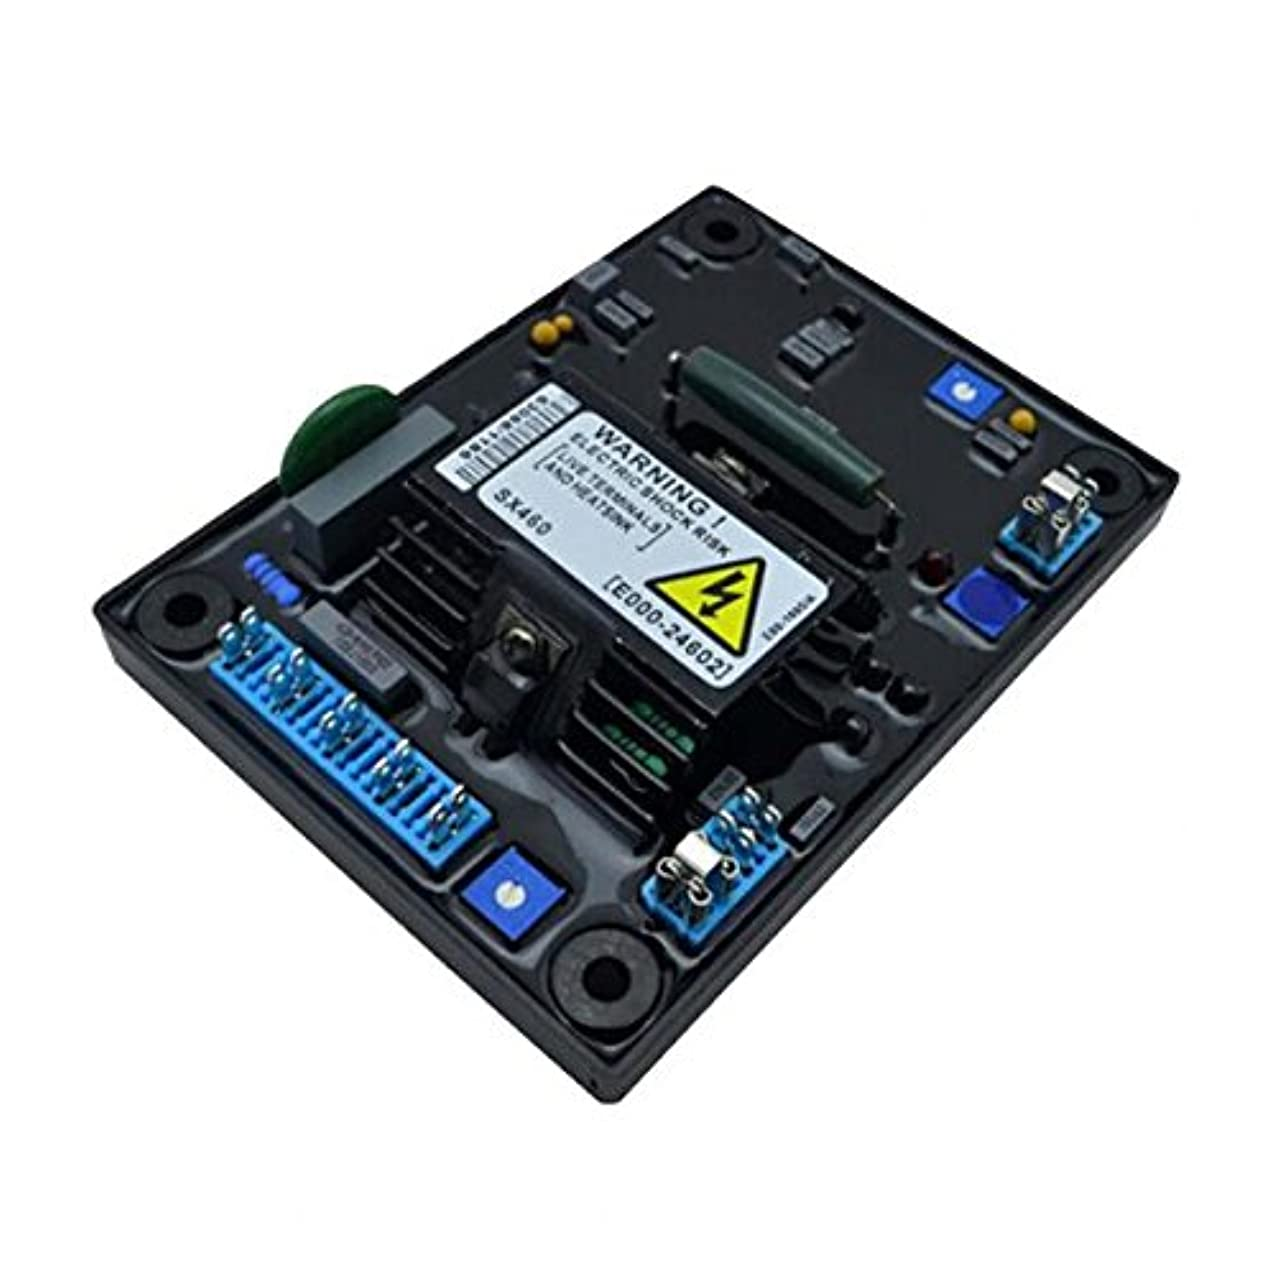 かもしれない流装備するFlameer 電圧 レギュレータ 発電機 電源モジュール 高品質 AVR SX460用